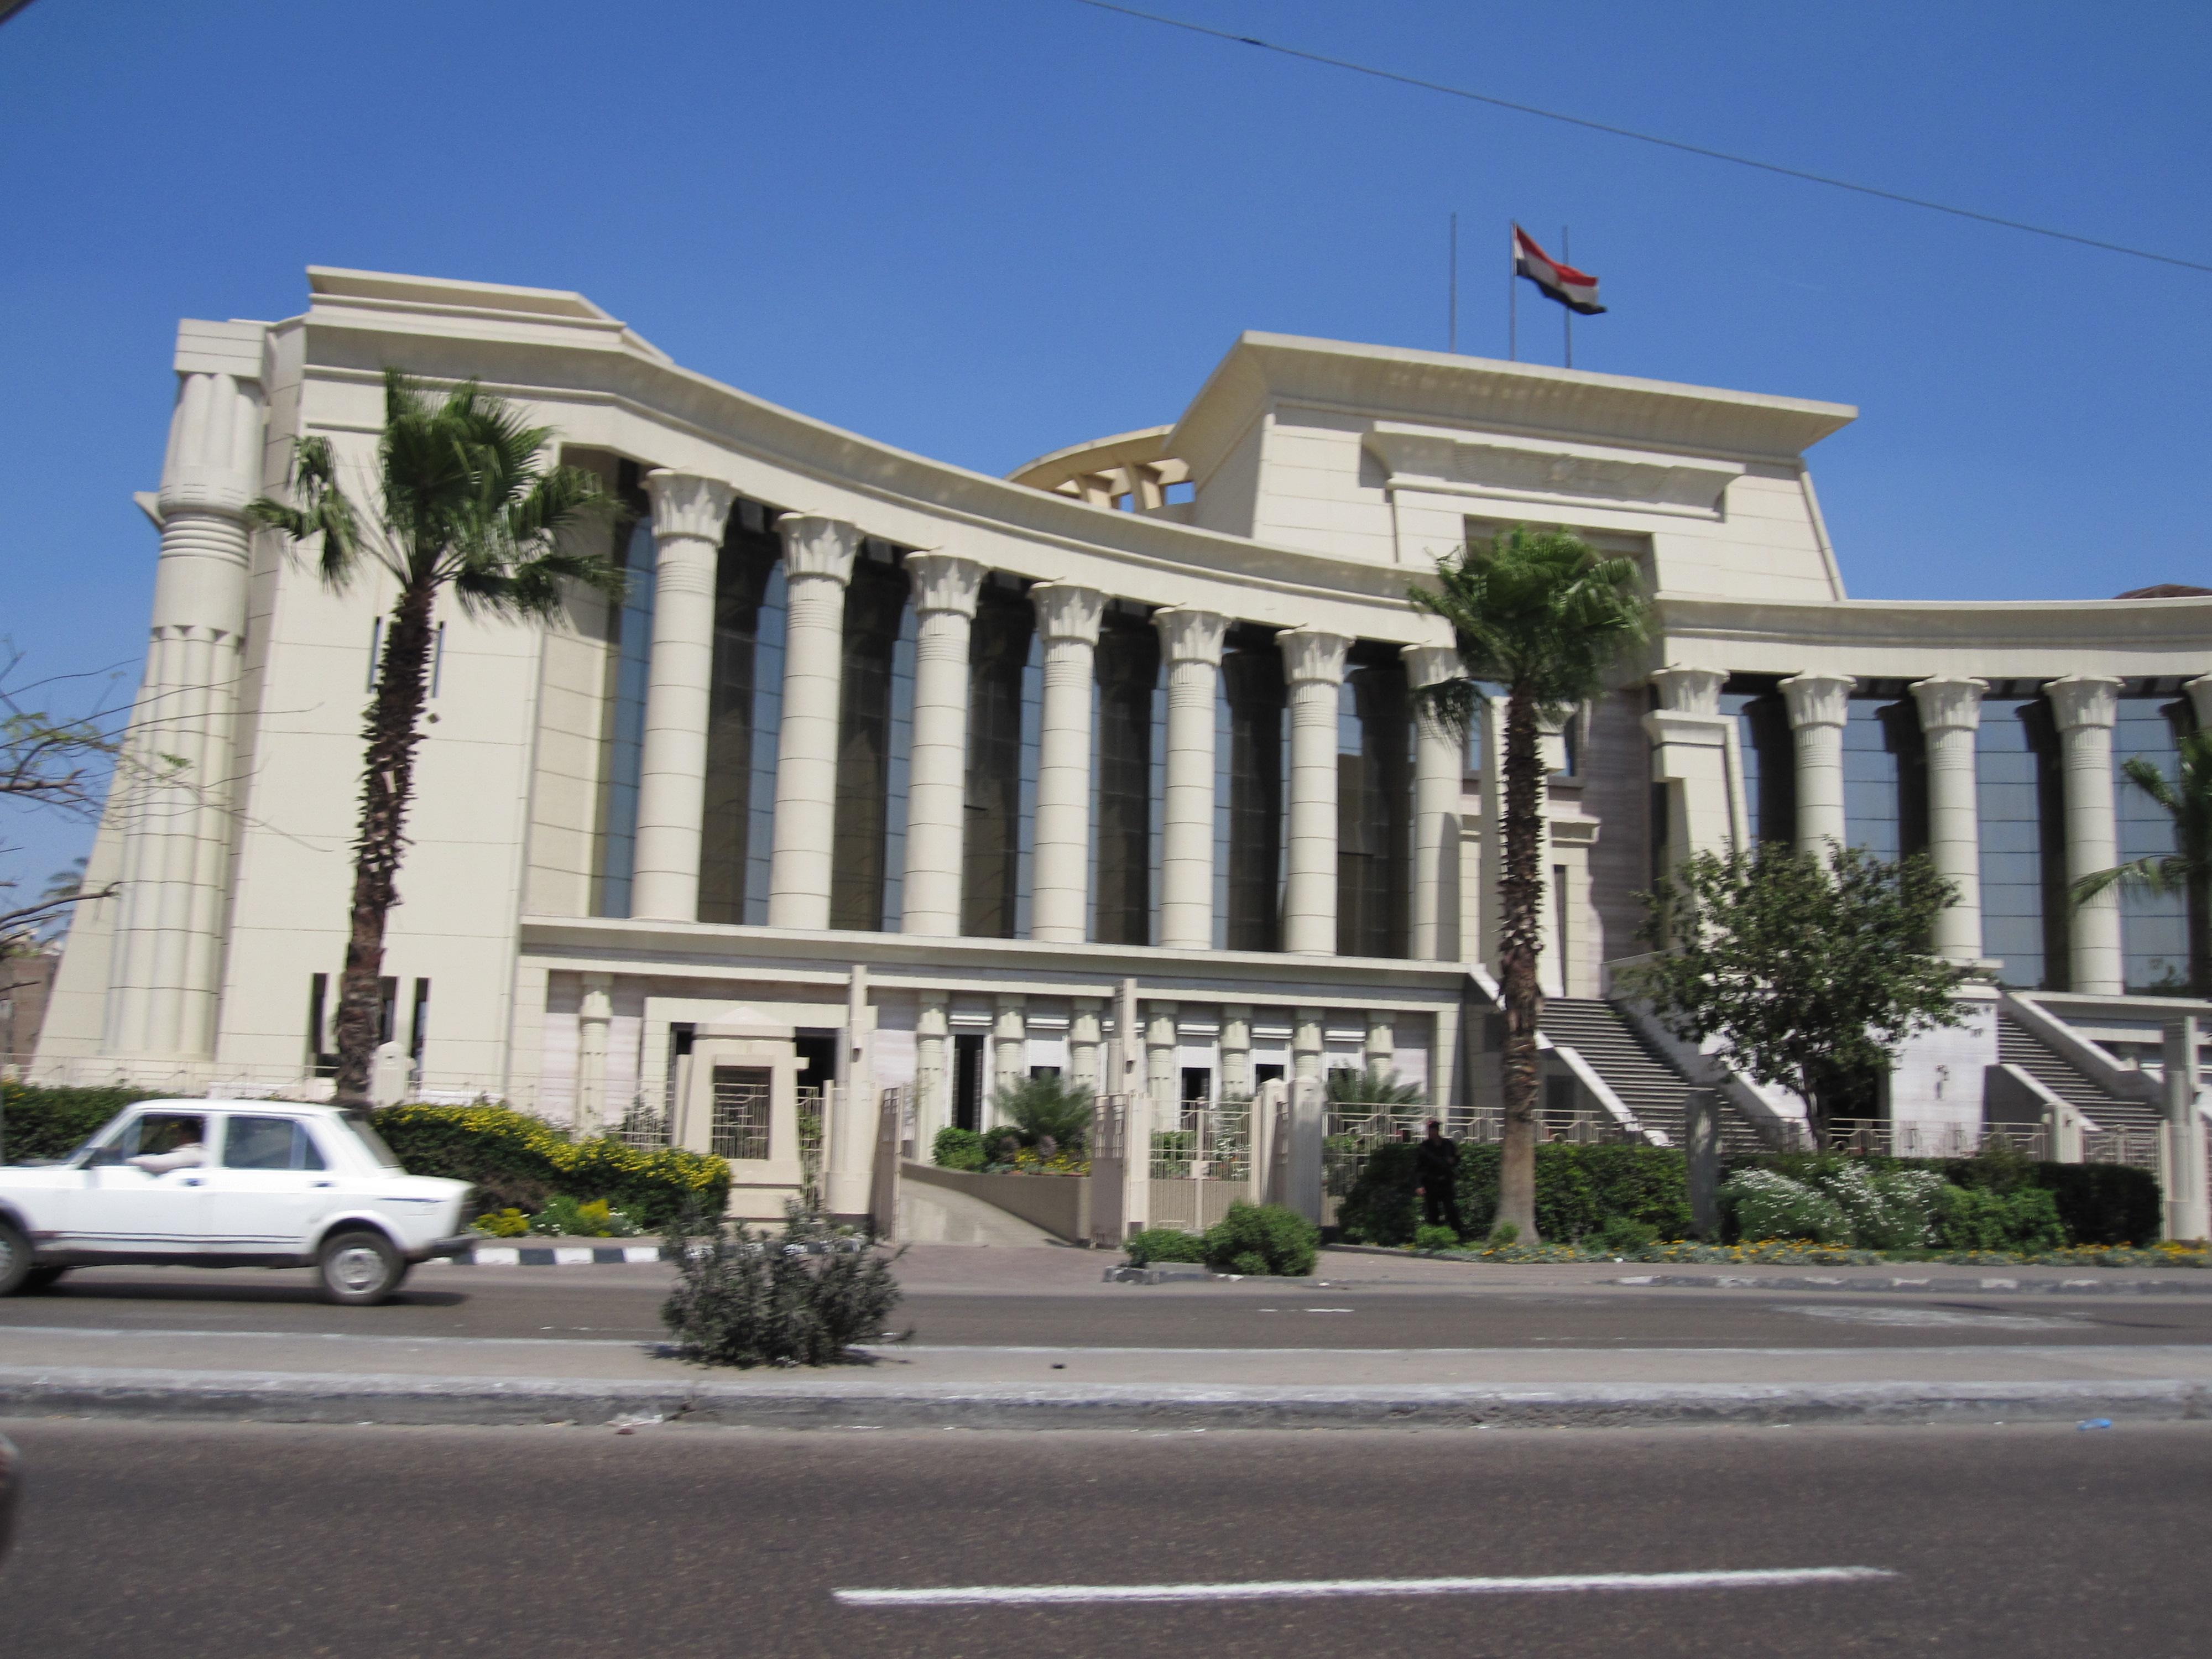 8206c1dbc تقع المحكمة الدستورية العليا المصرية بمنطقة المعادي